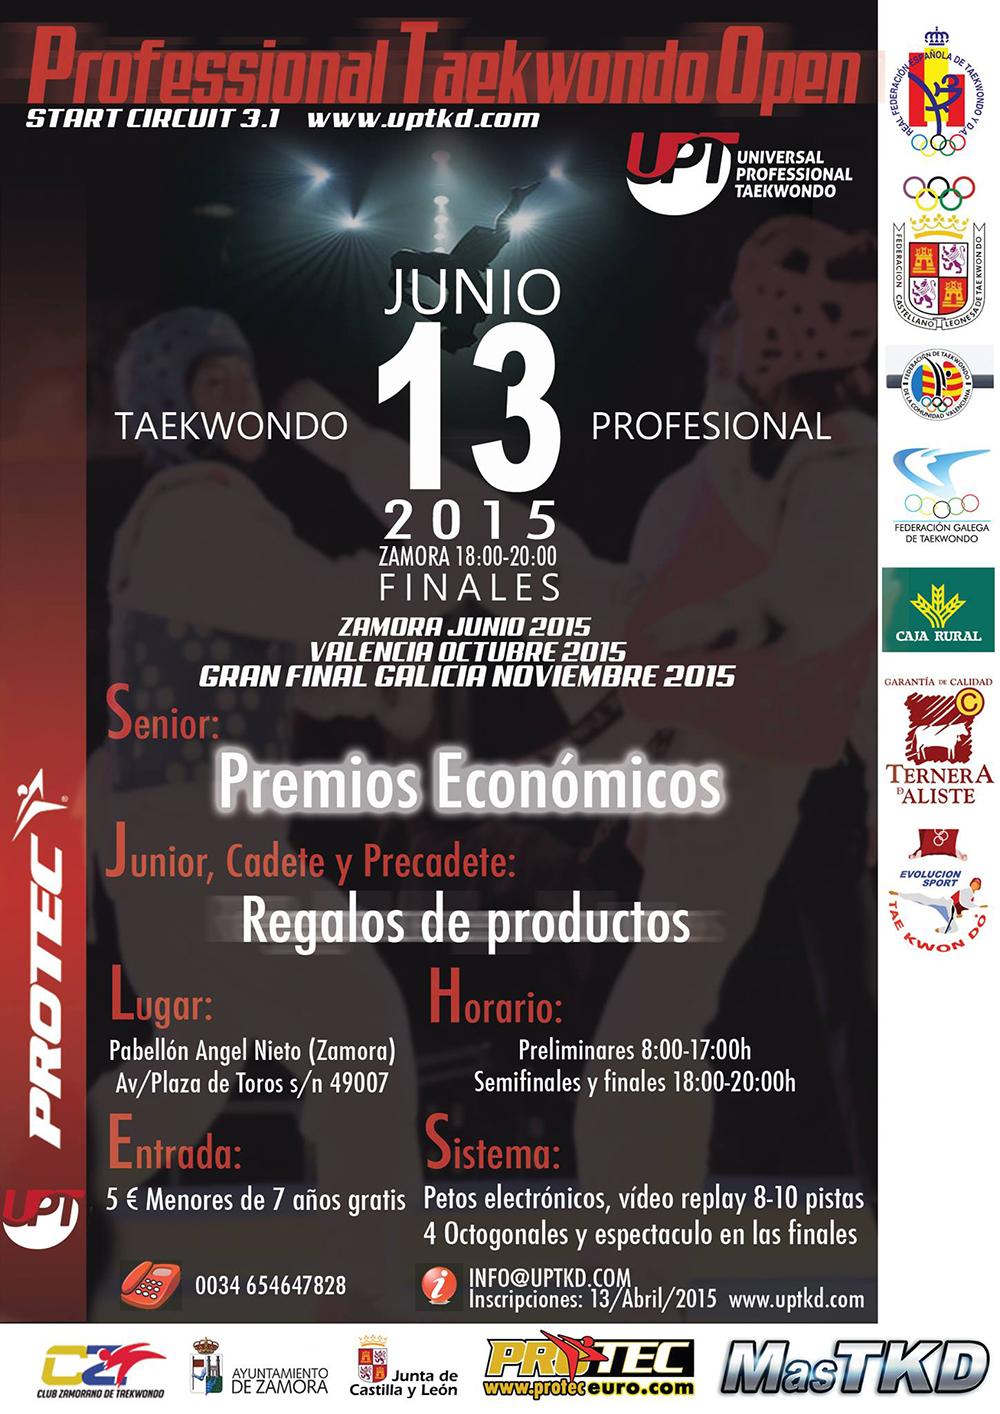 Universal-Professional-Taekwondo_poster